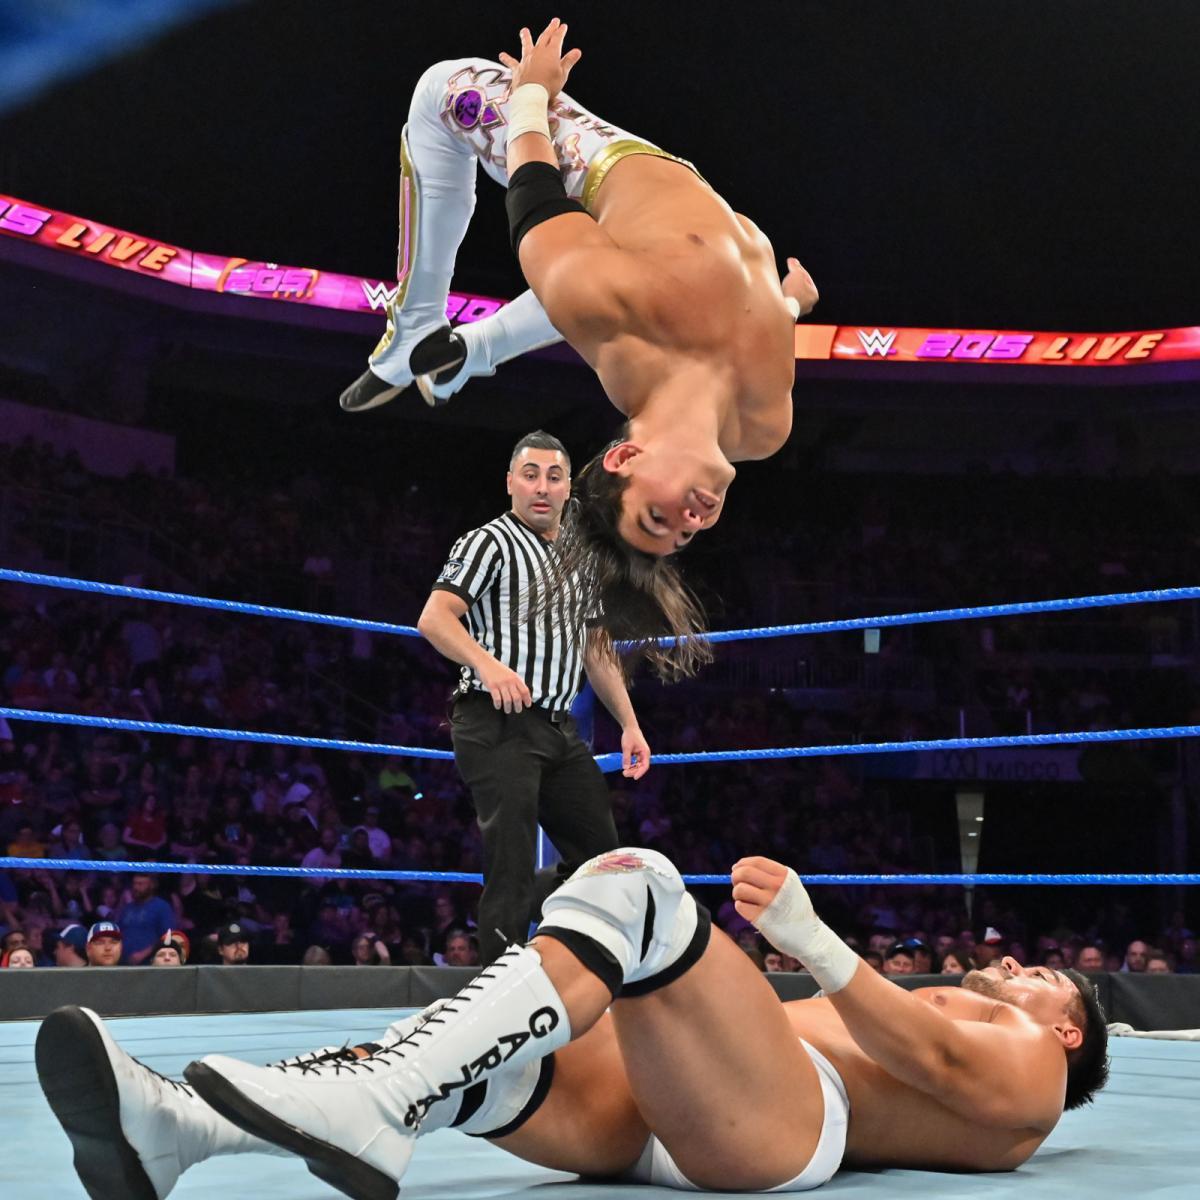 Resultados WWE 205 LIVE (20 de agosto 2019) | ¡Ángel Garza debuta! 7